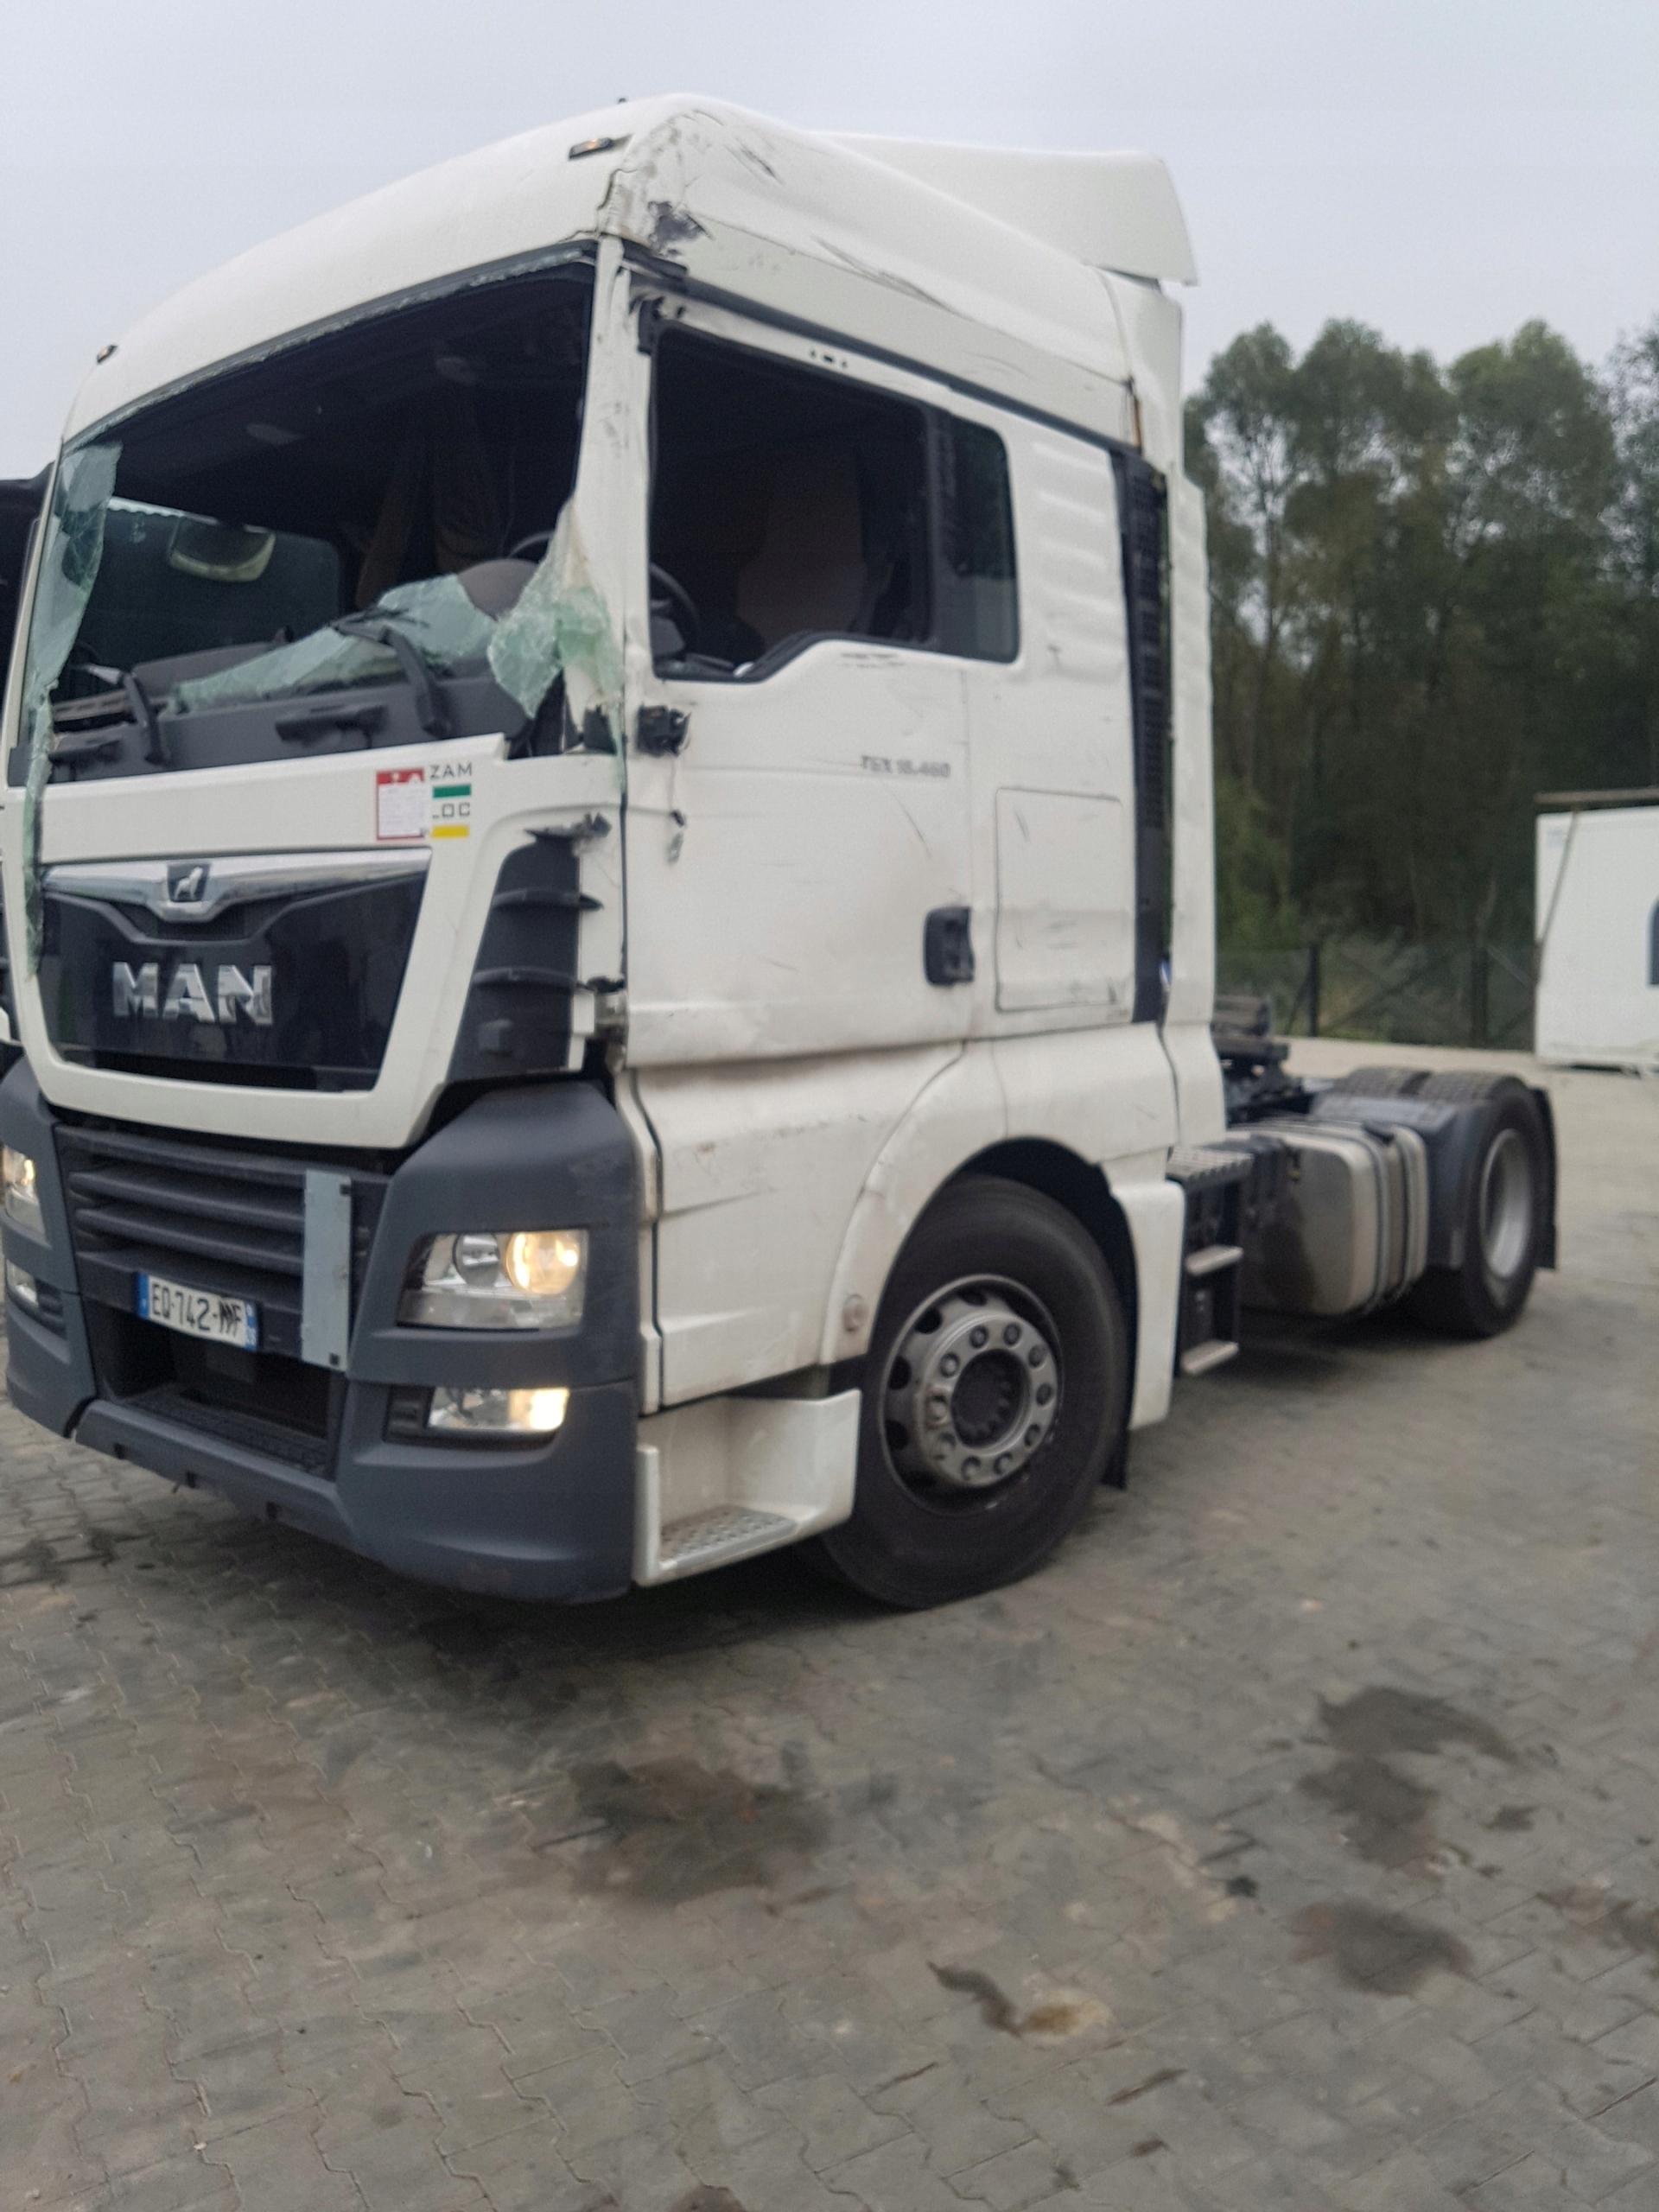 MAN TGX 18 460 EURO6 gwarancja do 2020 - 7563949549 - oficjalne